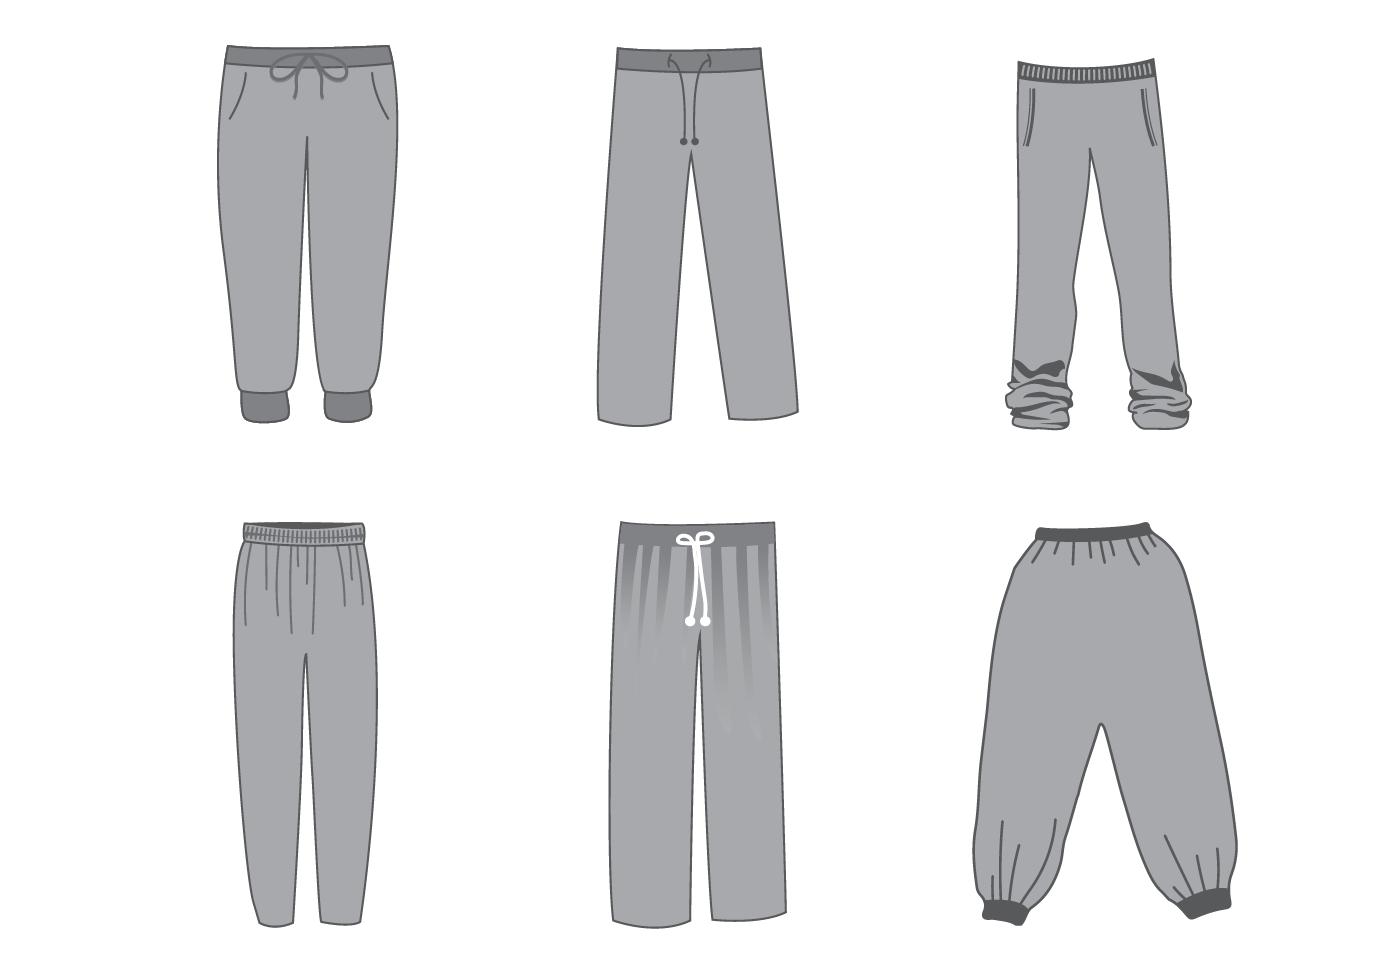 социальных спортивные штаны рисунок конечно, год